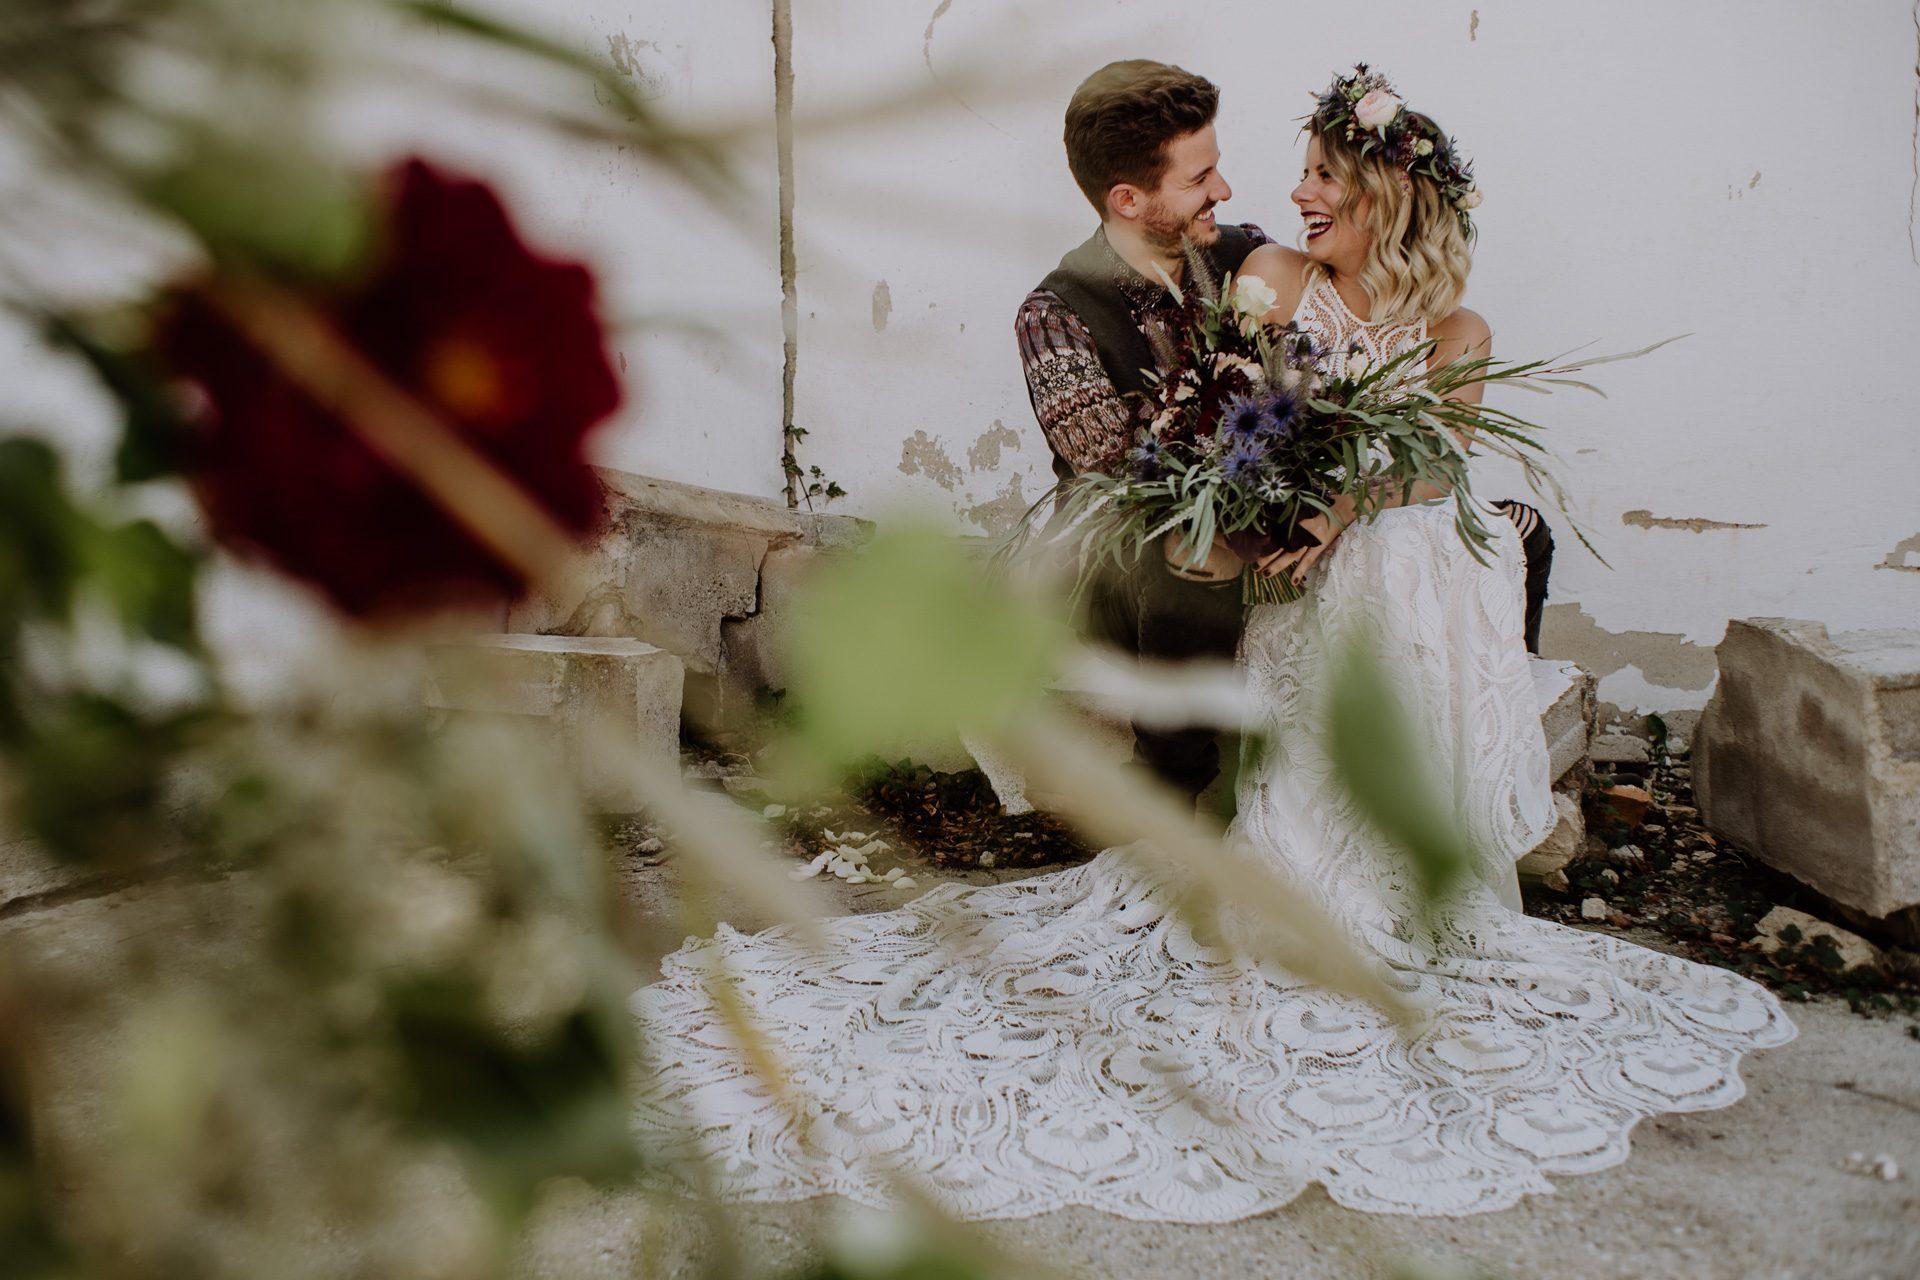 Braut mit wunderschönem Brautstrauß und Bräutigam lachen und sitzen auf einem Stein in einer alten Gärtnerei Hochzeit Hochzeitsideen Kamerakinder Weddings